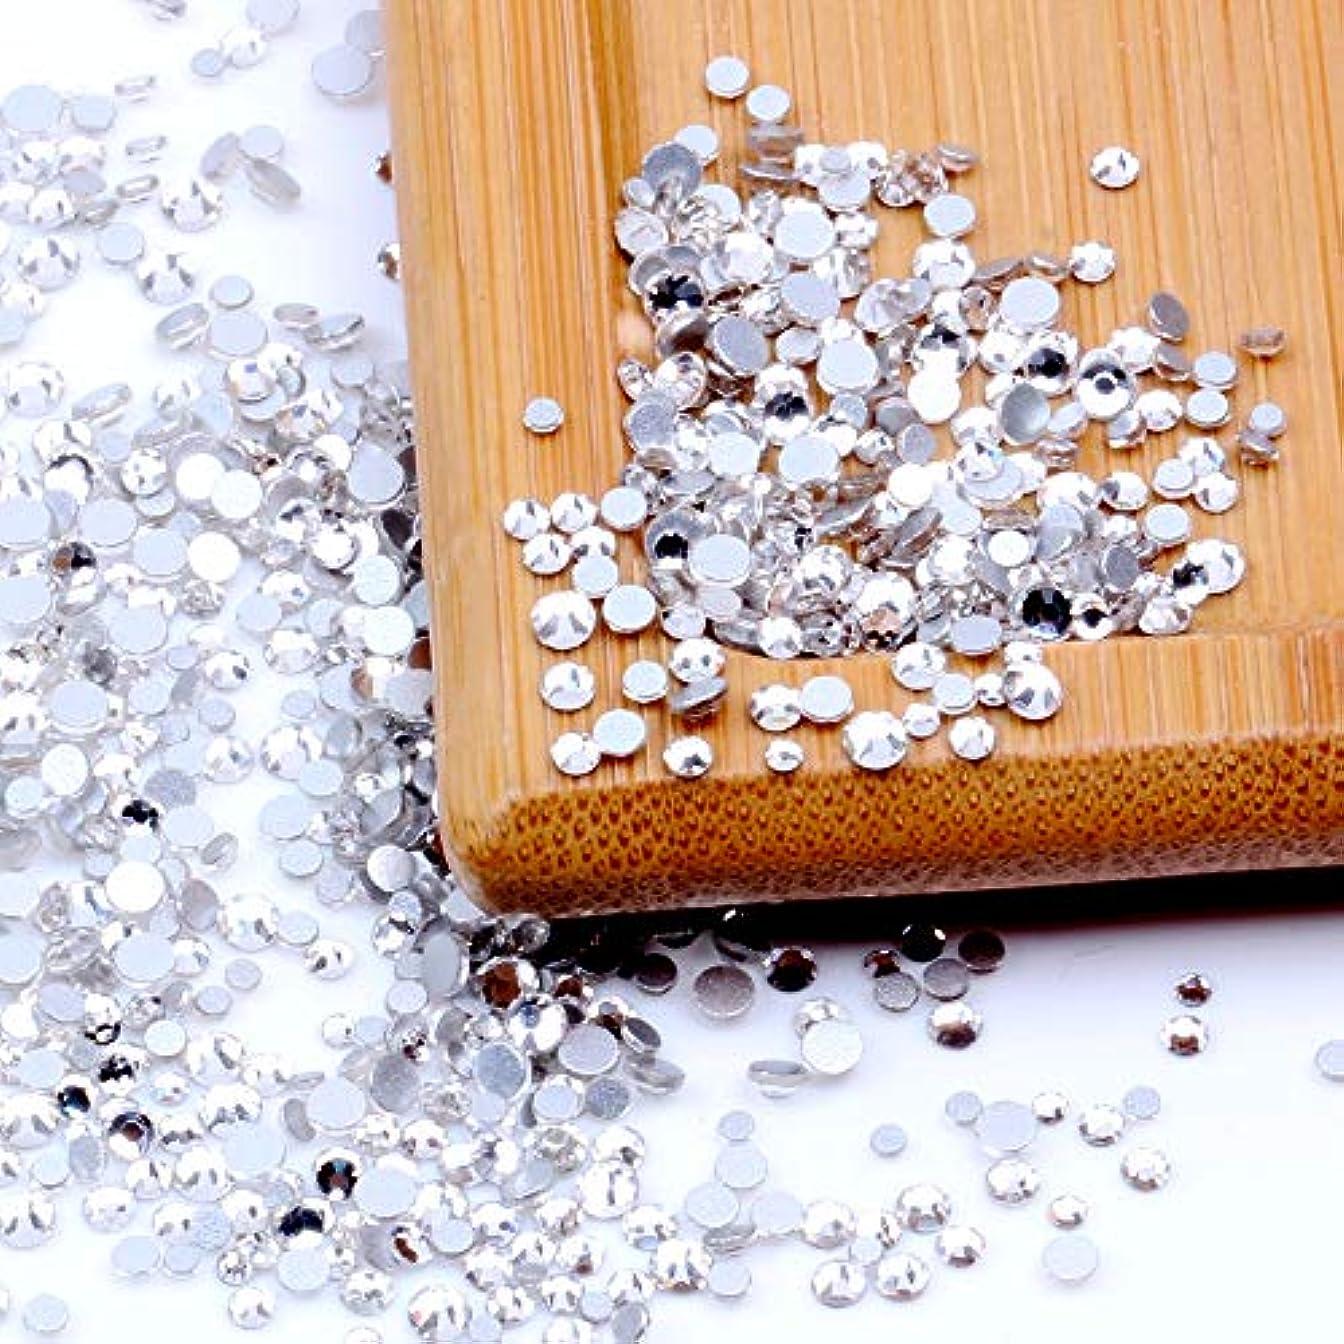 心理的川デンプシーNizi ジュエリー ブランド ホワイトクリスタル ラインストーン はガラスの材質 ネイル使用 型番ss3-ss60 (SS3 1440pcs)